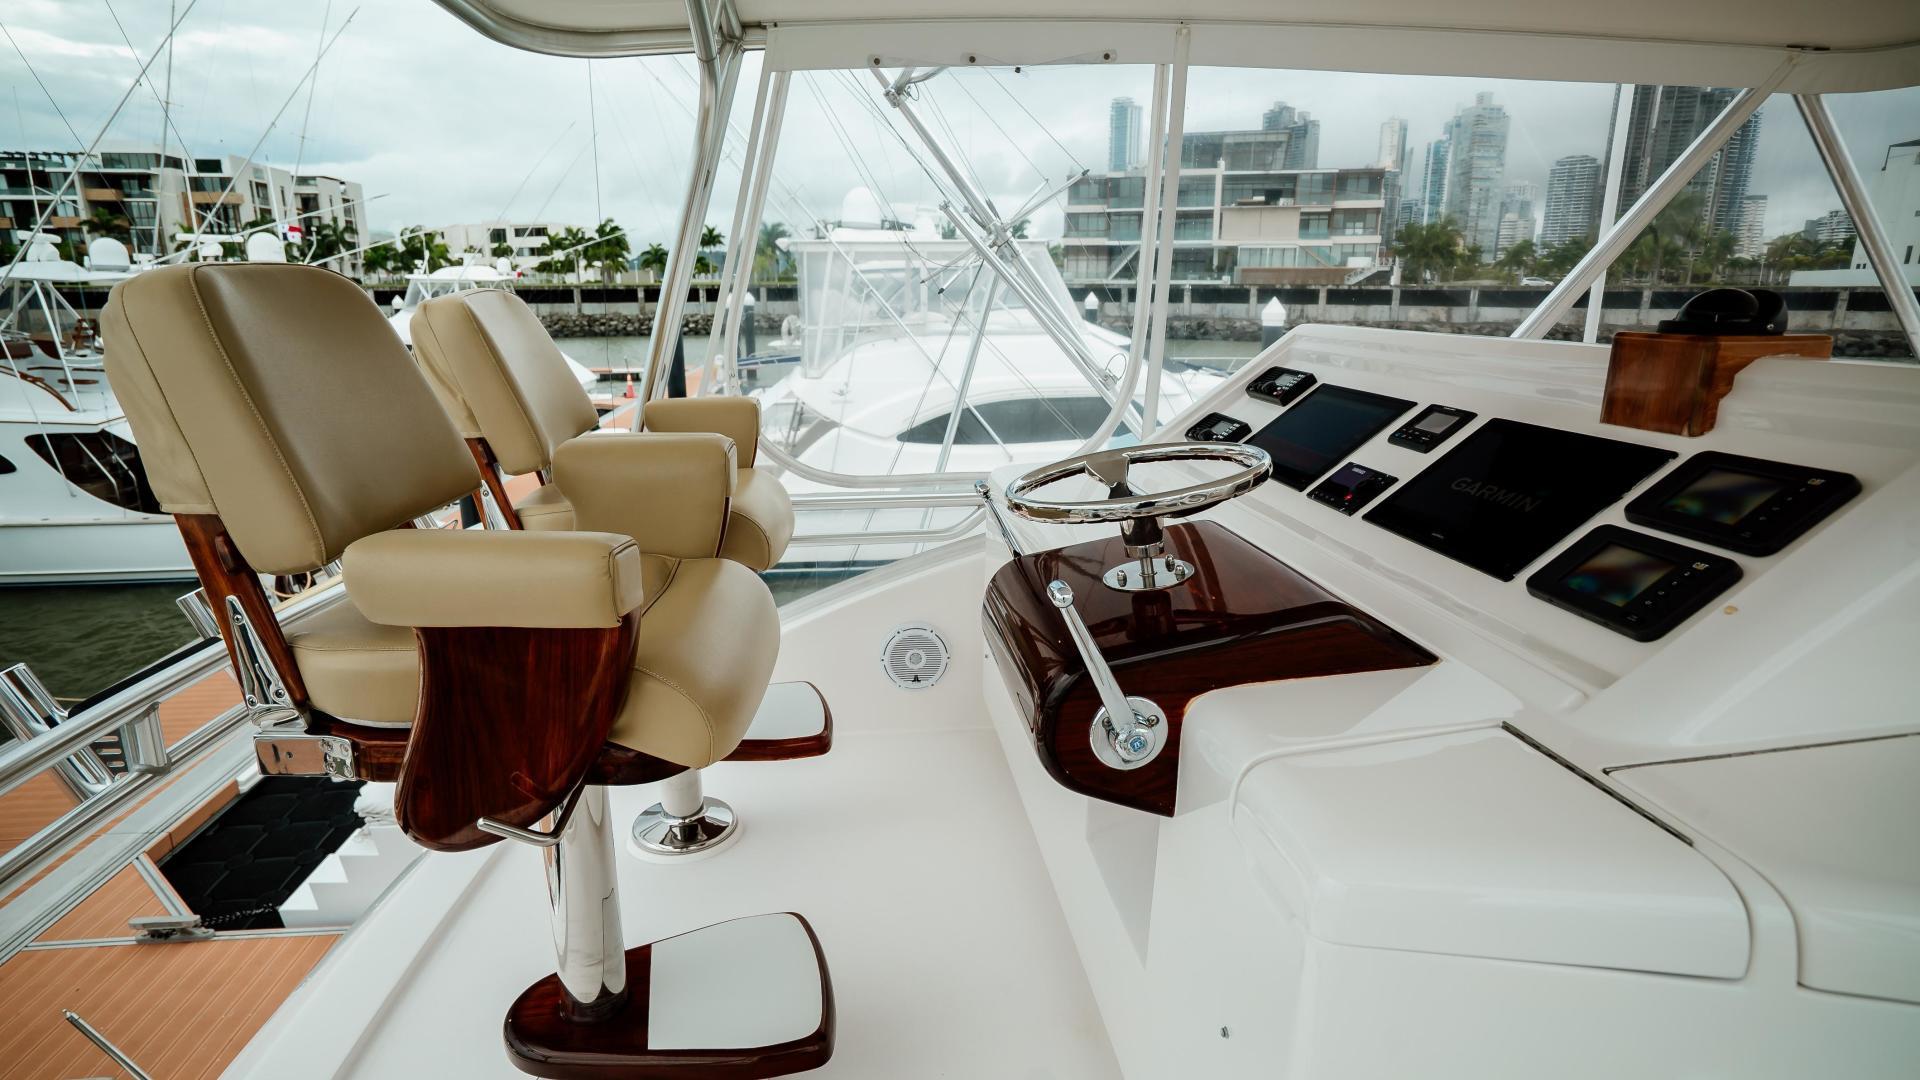 Bertram-Convertible 2013-Never Surrender Panama City-Panama-1562292 | Thumbnail